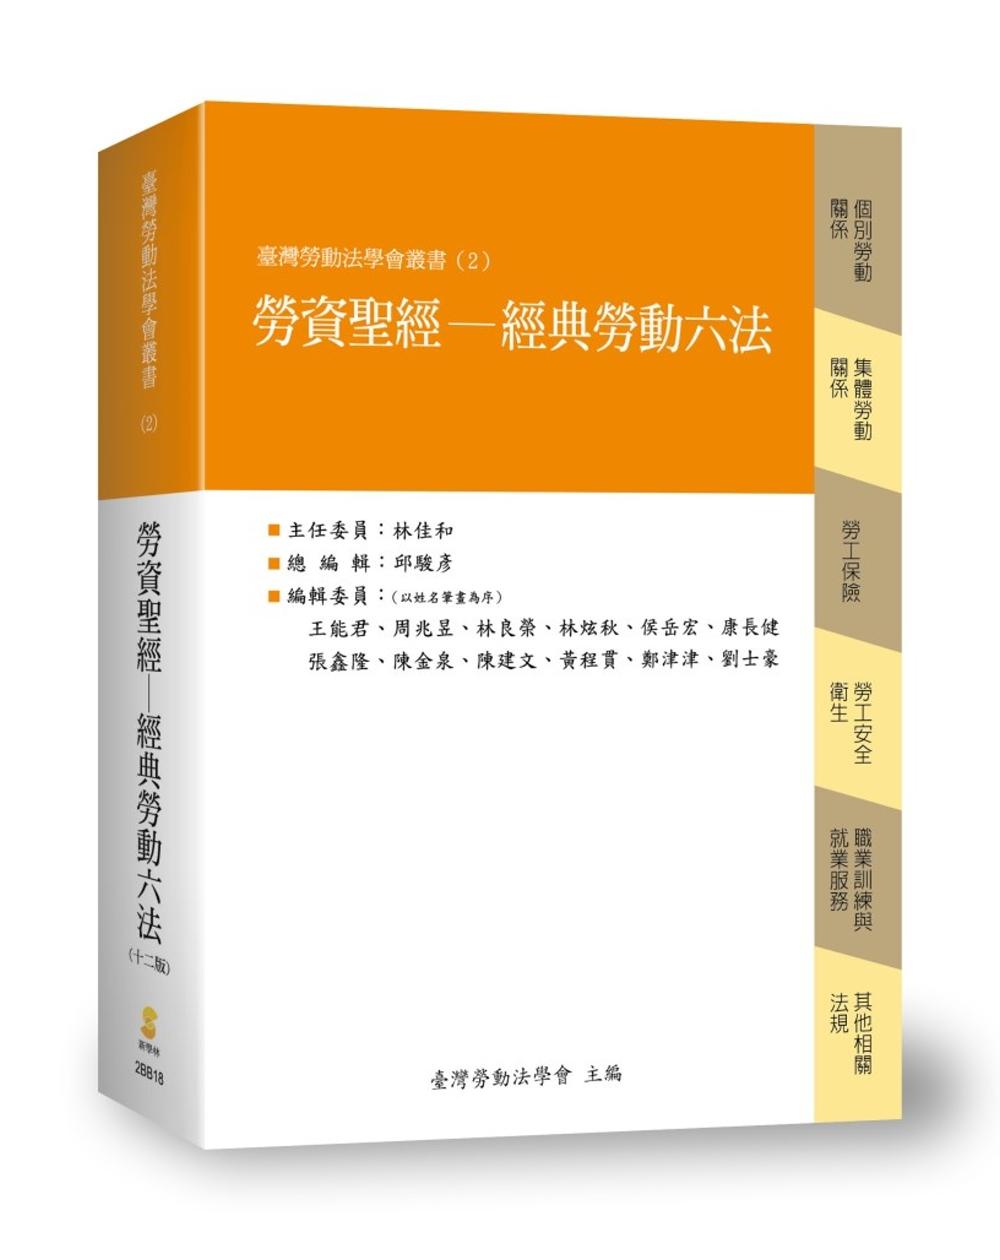 勞資聖經:經典勞動六法(12版)